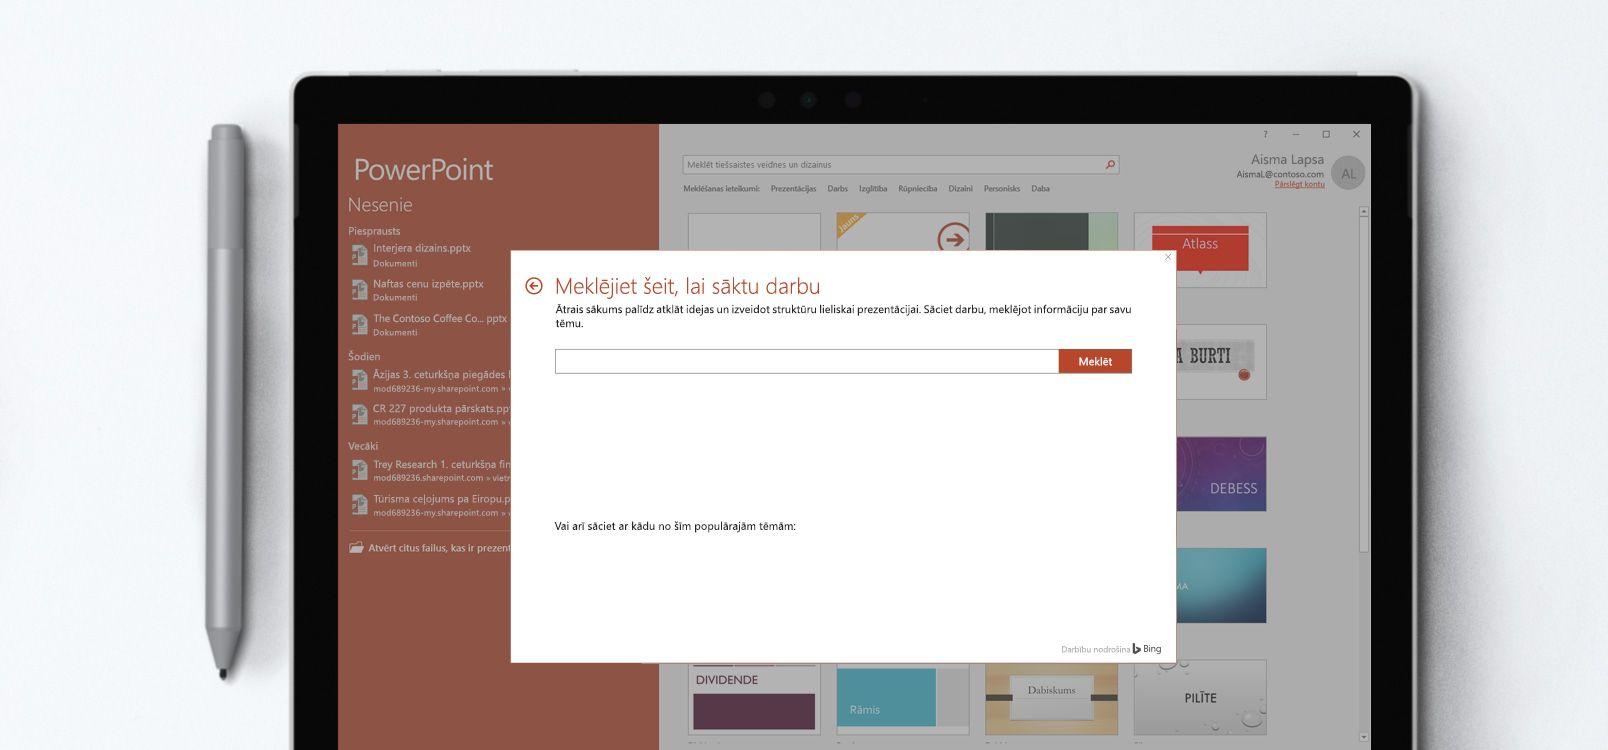 Planšetdatora ekrāns, kurā redzams, kā PowerPoint dokumentā tiek lietots līdzeklis Ātrais sākums